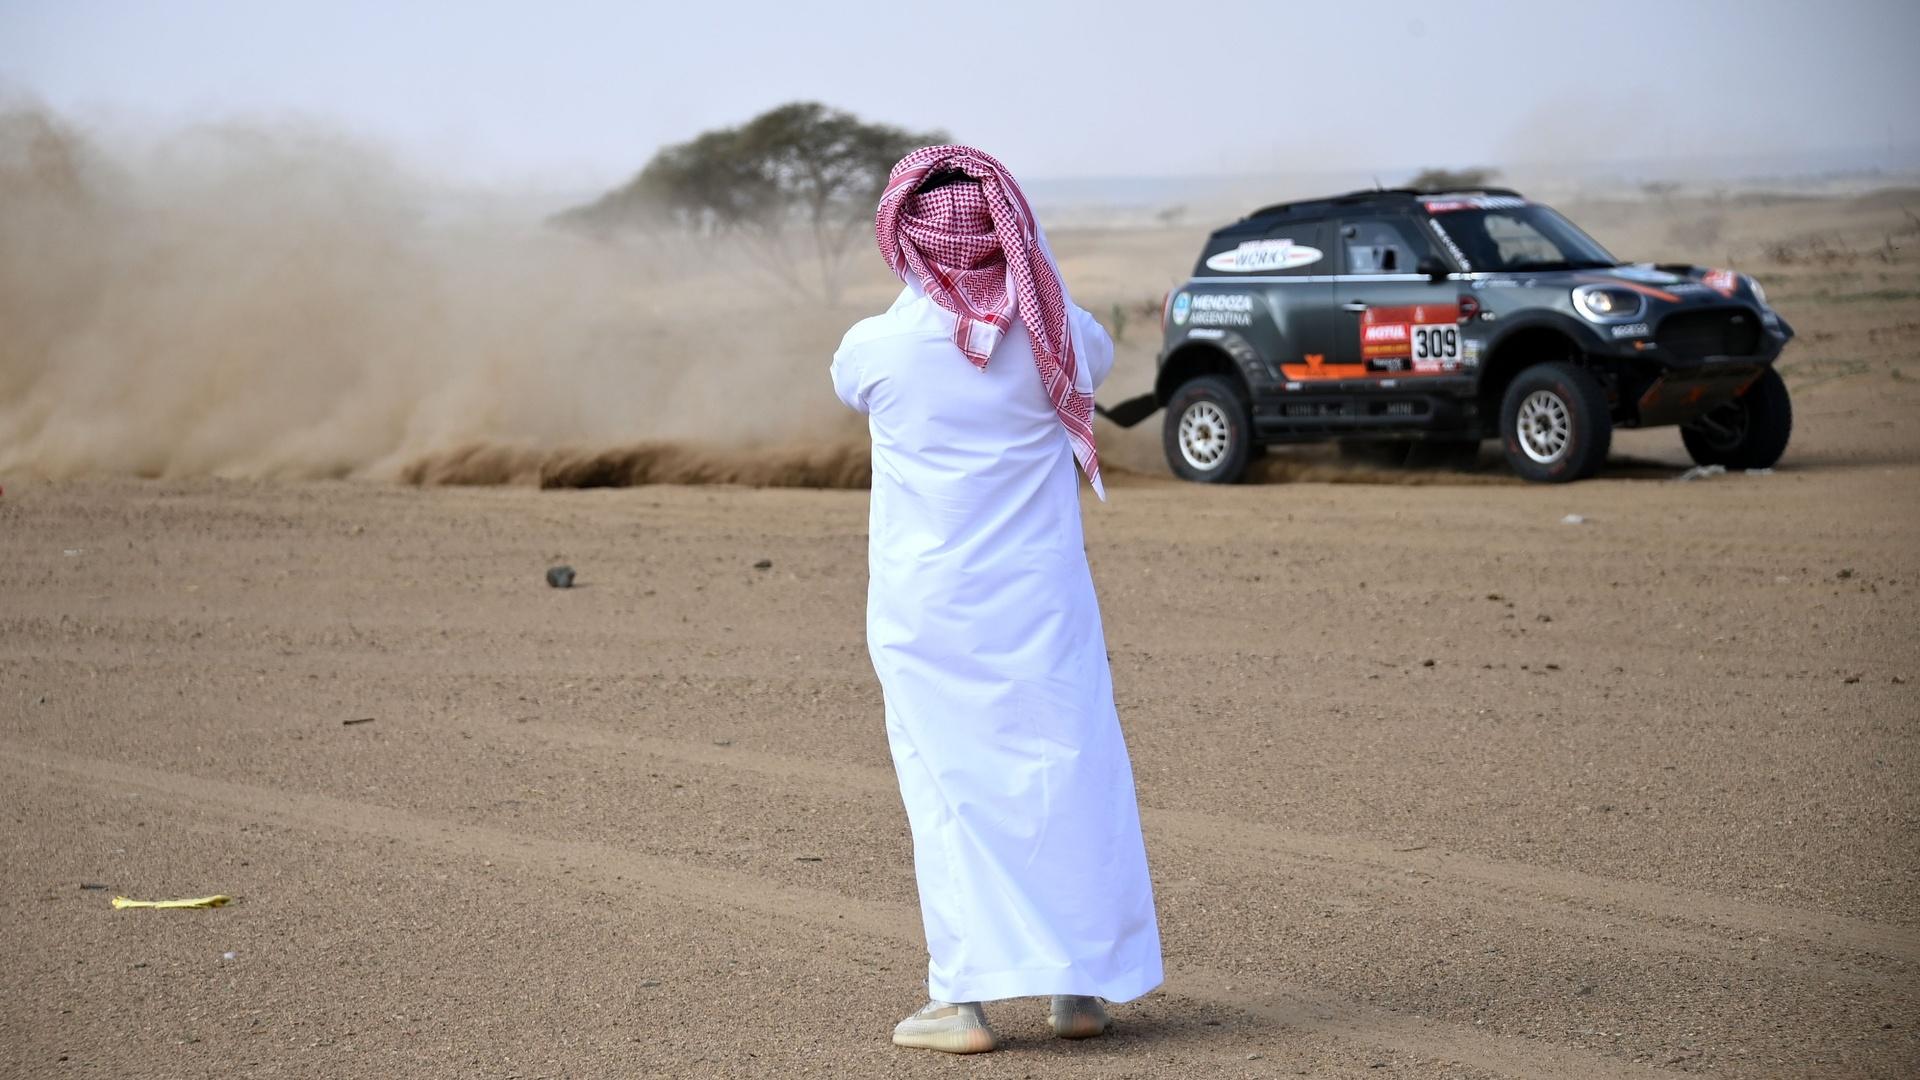 وسط جدل حول احترام حقوق الإنسان.. رالي دكار 2021 في السعودية للمرة الثانية